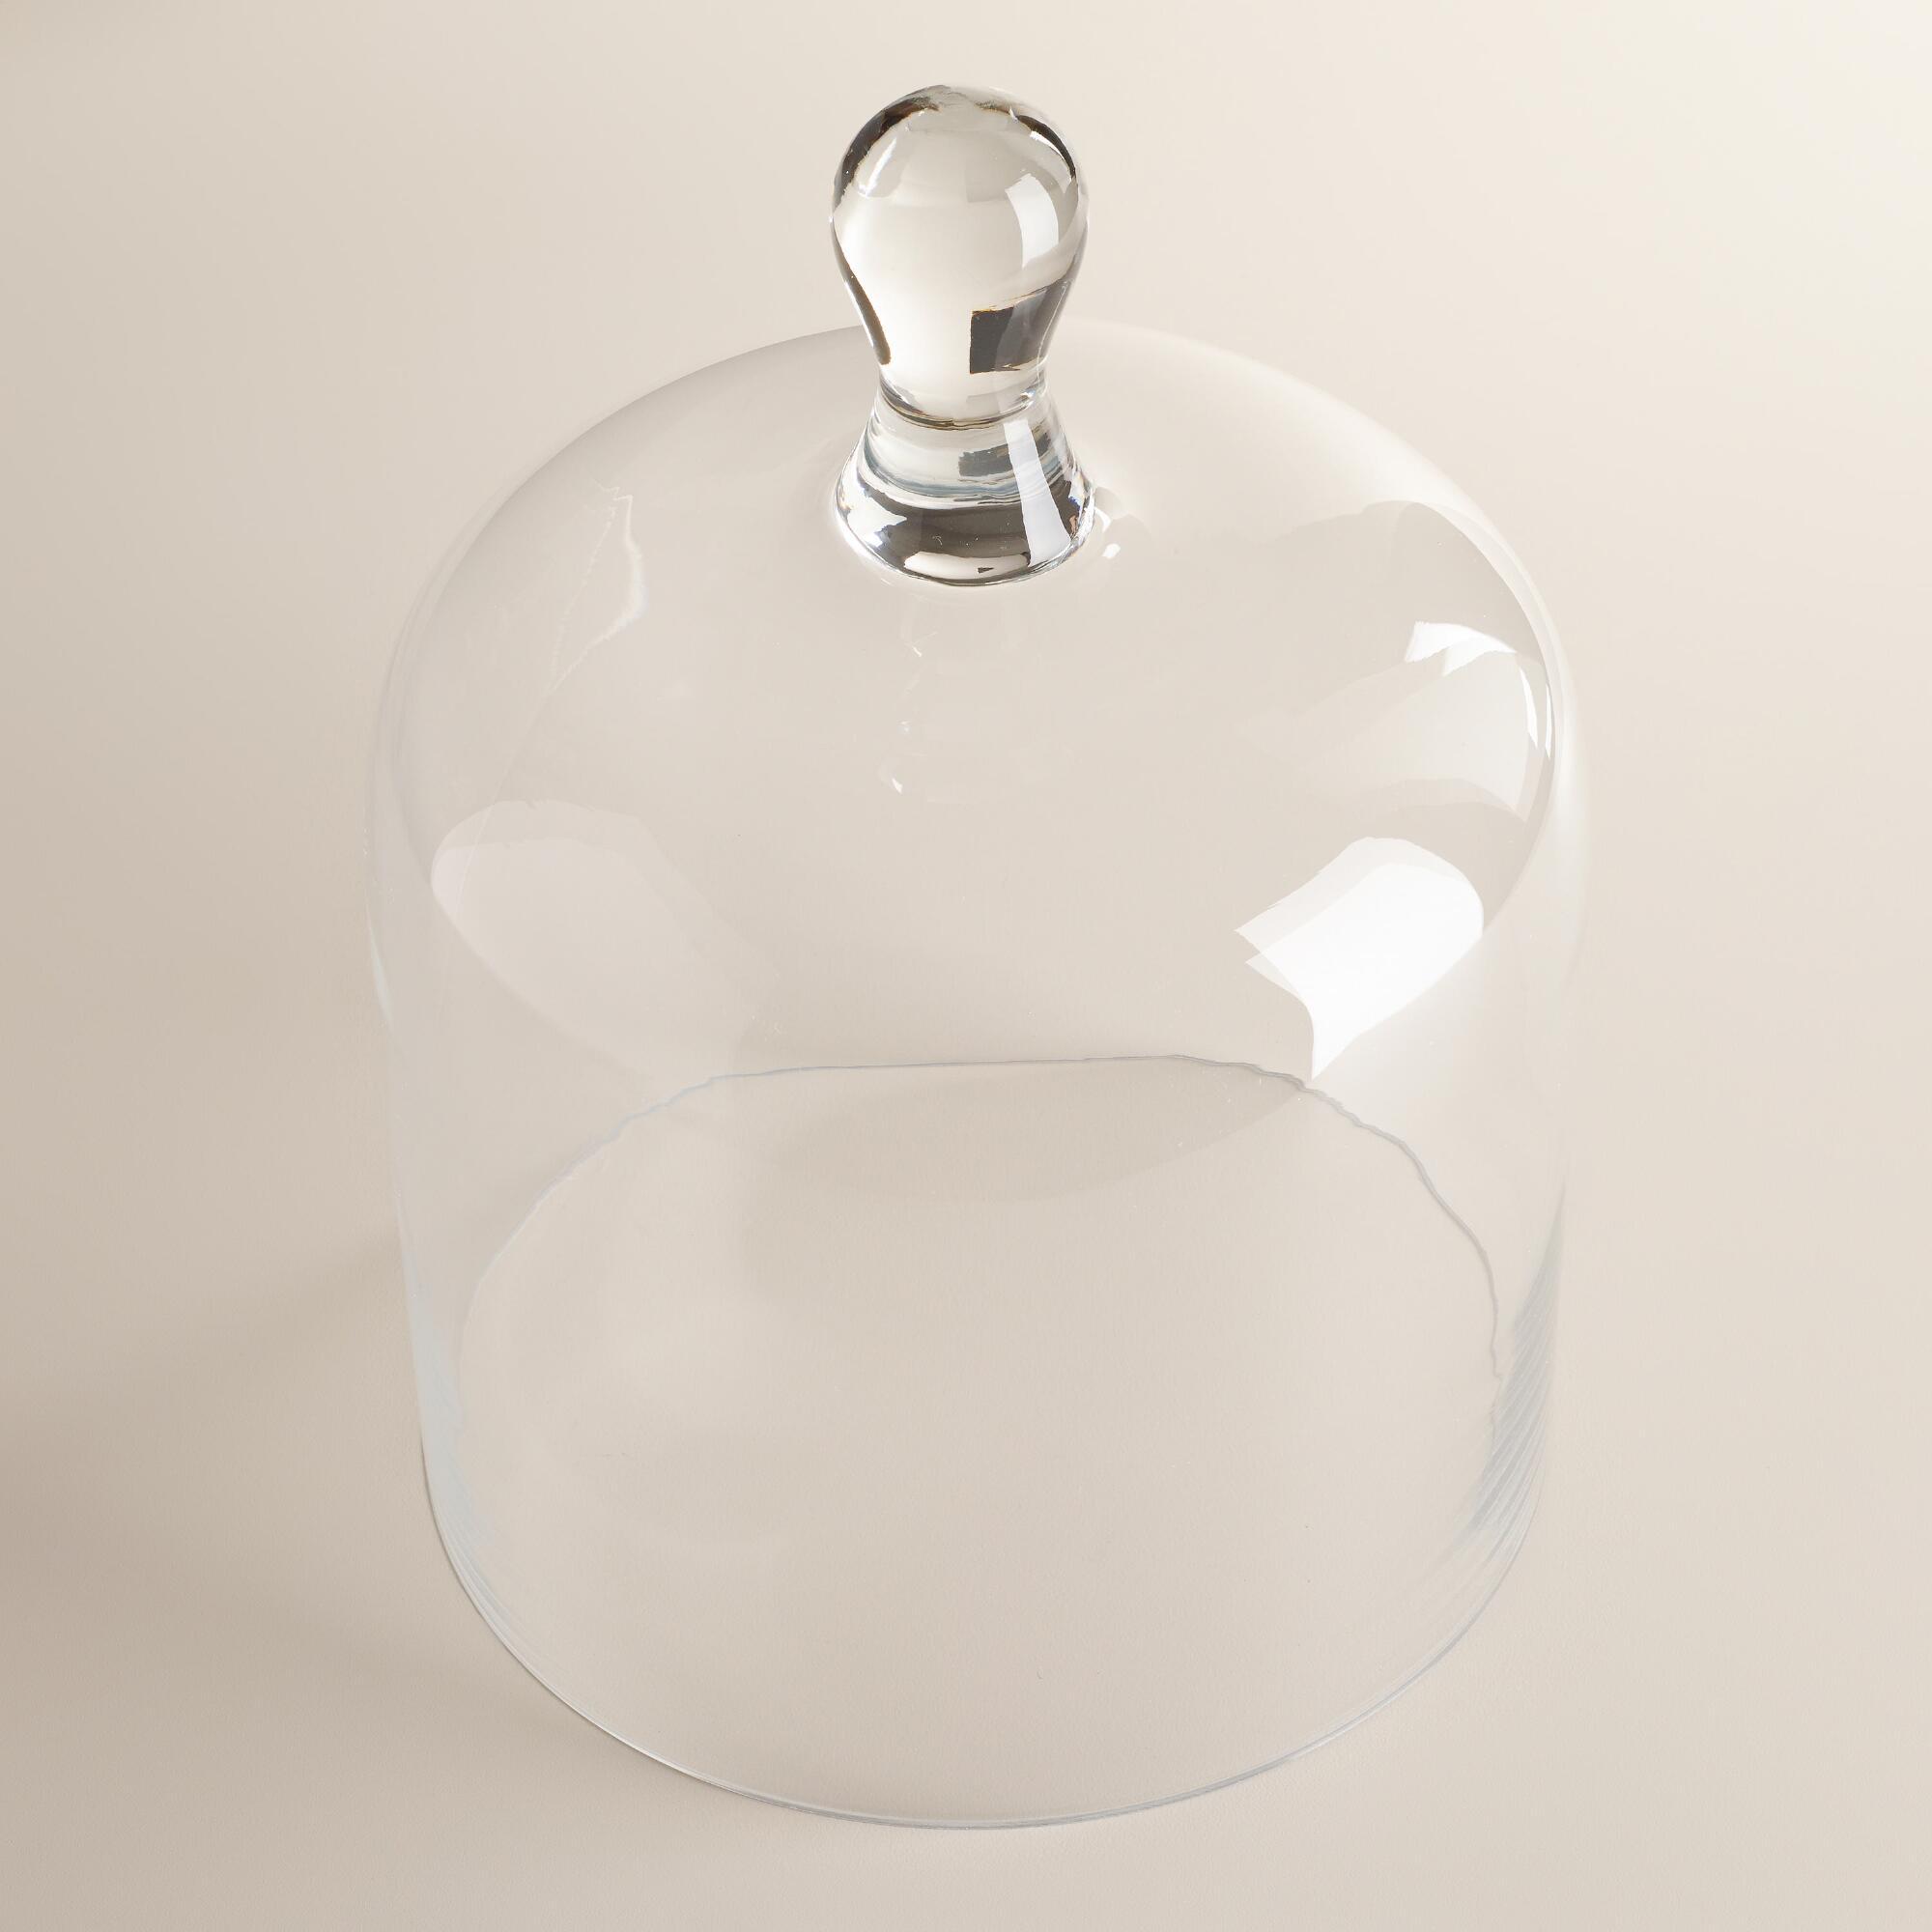 Glass Cloche | $19.99